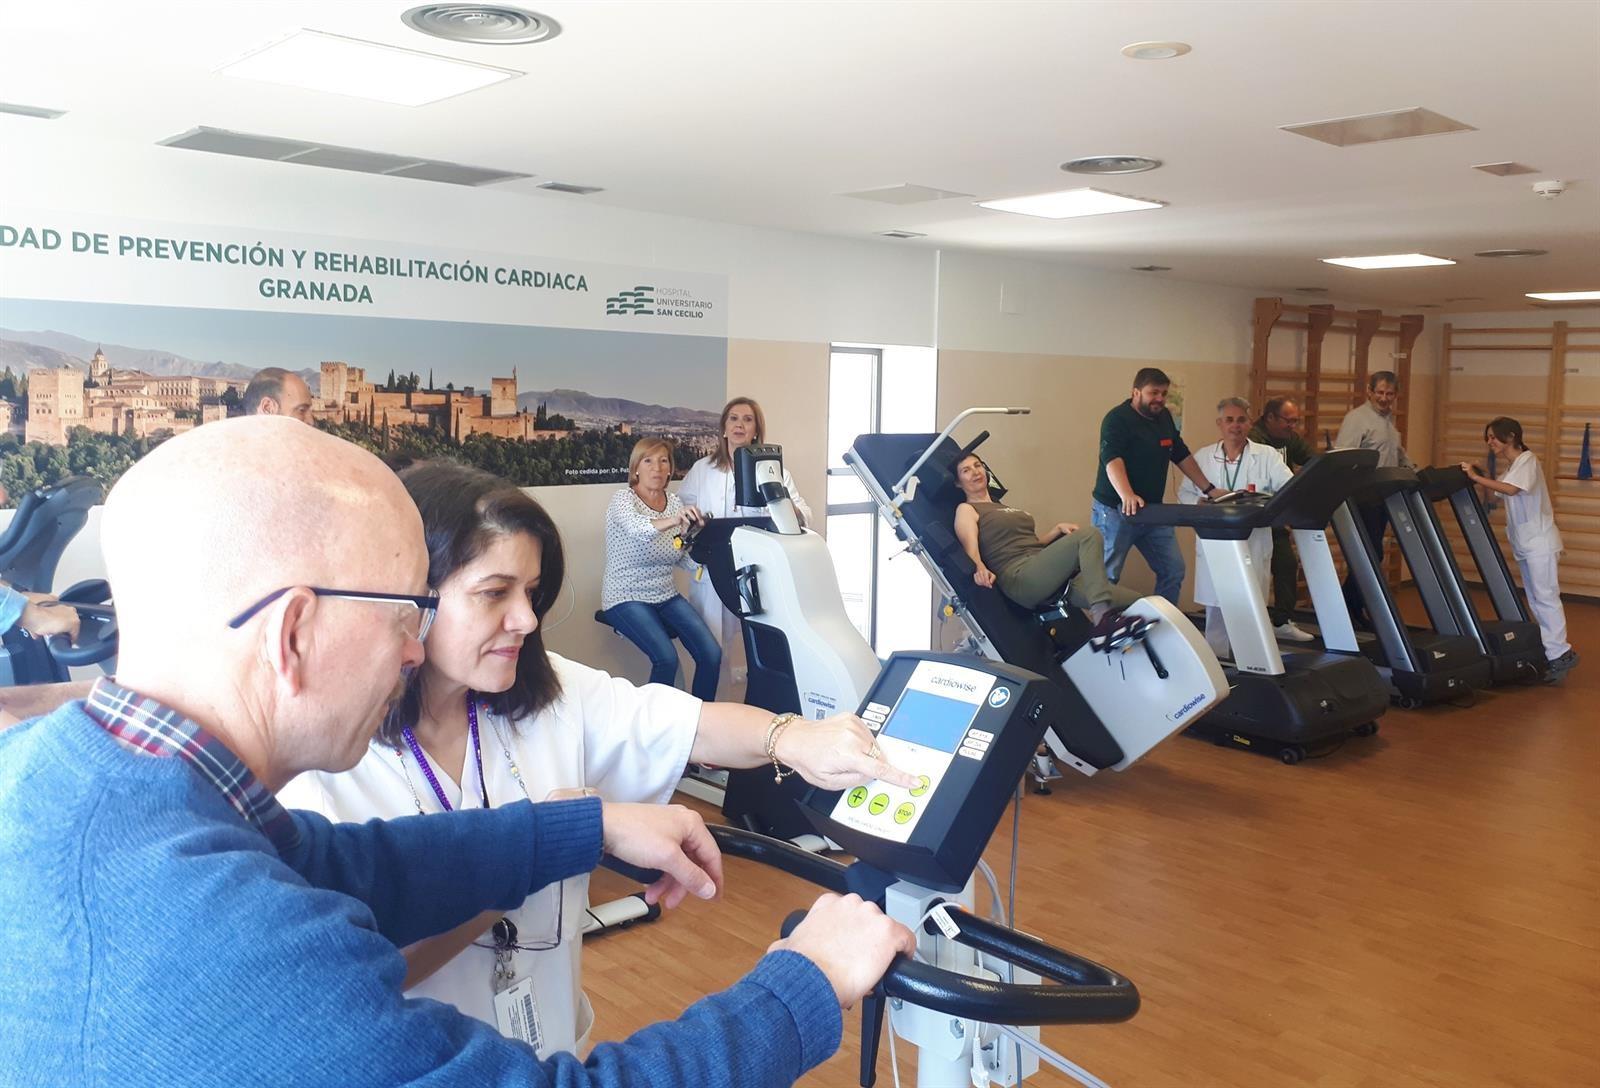 La Unidad de Rehabilitación Cardíaca del San Cecilio, acreditada por la Sociedad Española de Cardiología